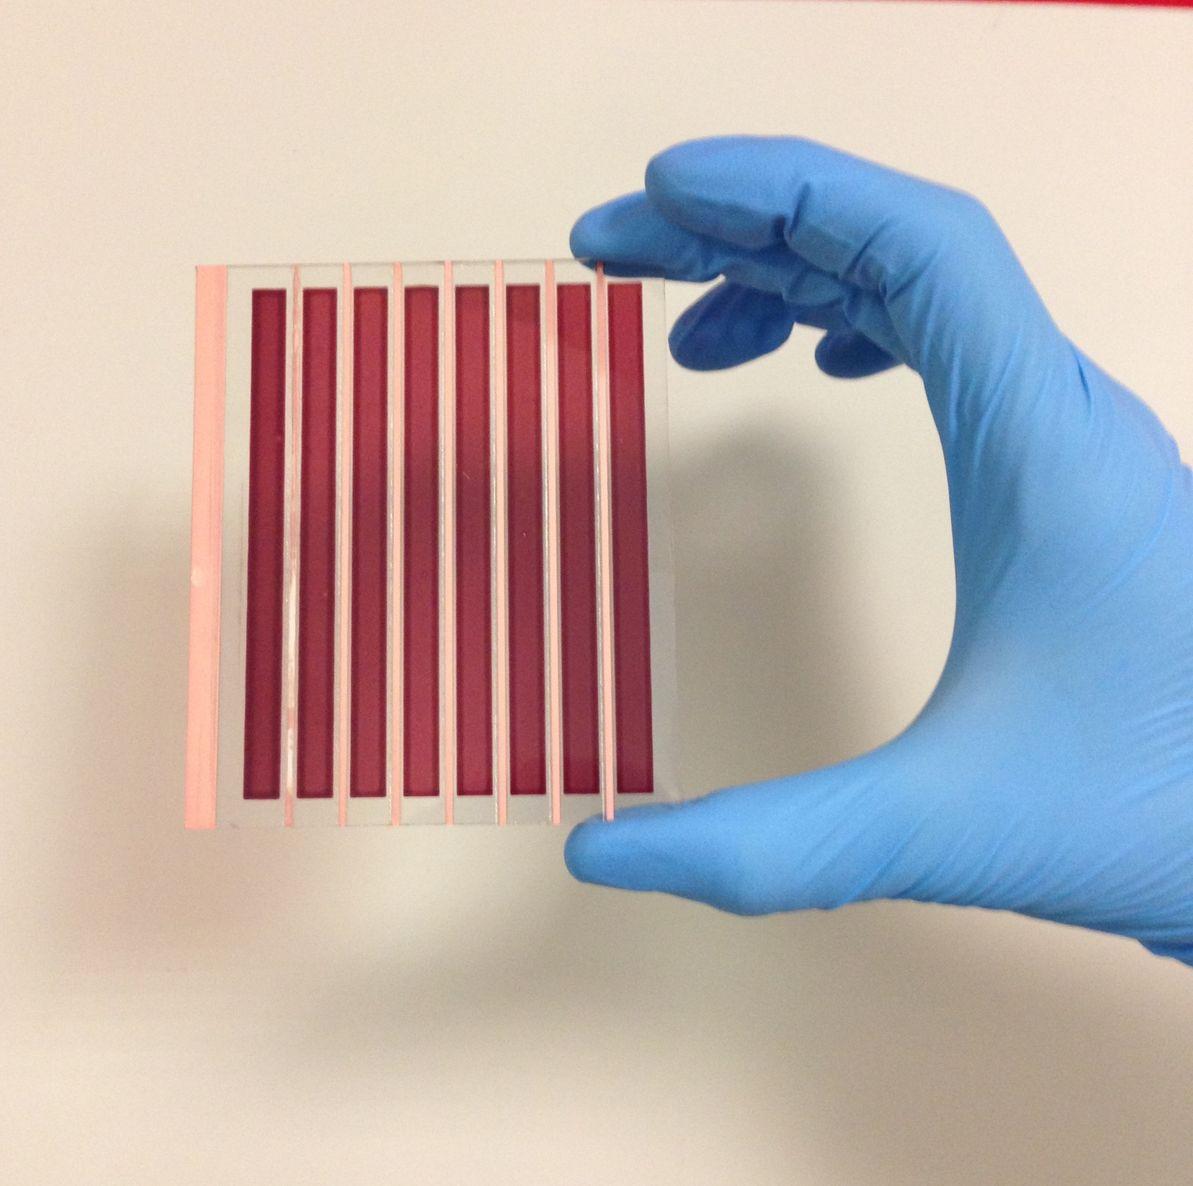 Il primo prototipo di pannello solare che usa grafene per ridurre i costi mantenendo rese energetiche confrontabili con la tecnologia tradizionale, basata sul platino.